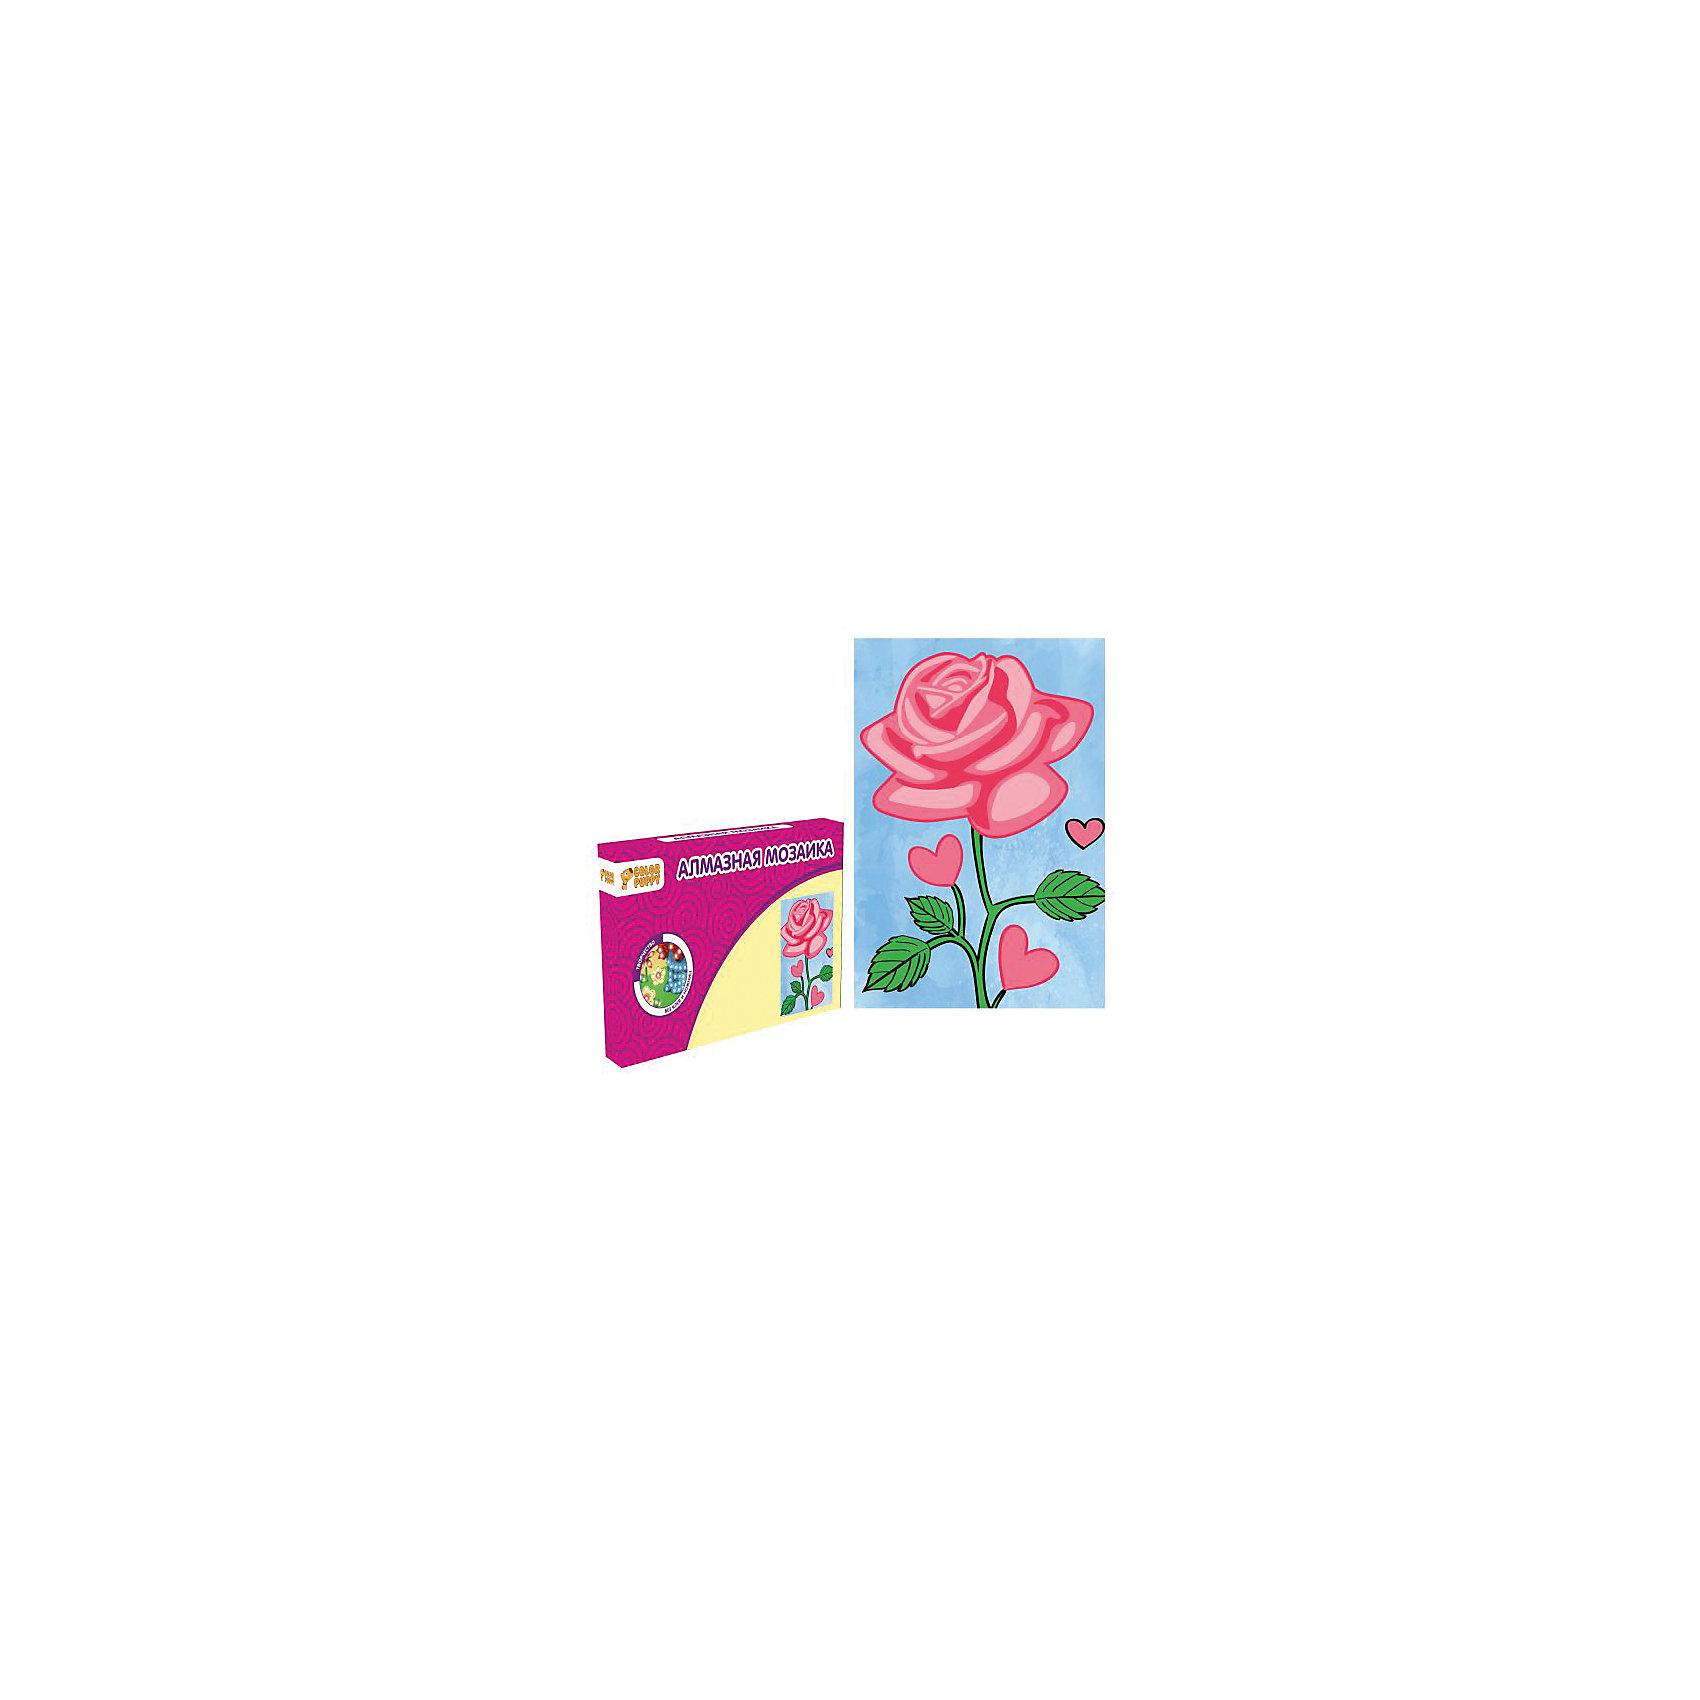 Набор для творчества Алмазная мозаика «Роза»Мозаика<br>В наборе: Картонная основа 10х15 см, подставка, стразы, емкость для страз, карандаш<br><br>Ширина мм: 165<br>Глубина мм: 105<br>Высота мм: 20<br>Вес г: 86<br>Возраст от месяцев: 36<br>Возраст до месяцев: 108<br>Пол: Унисекс<br>Возраст: Детский<br>SKU: 5078349